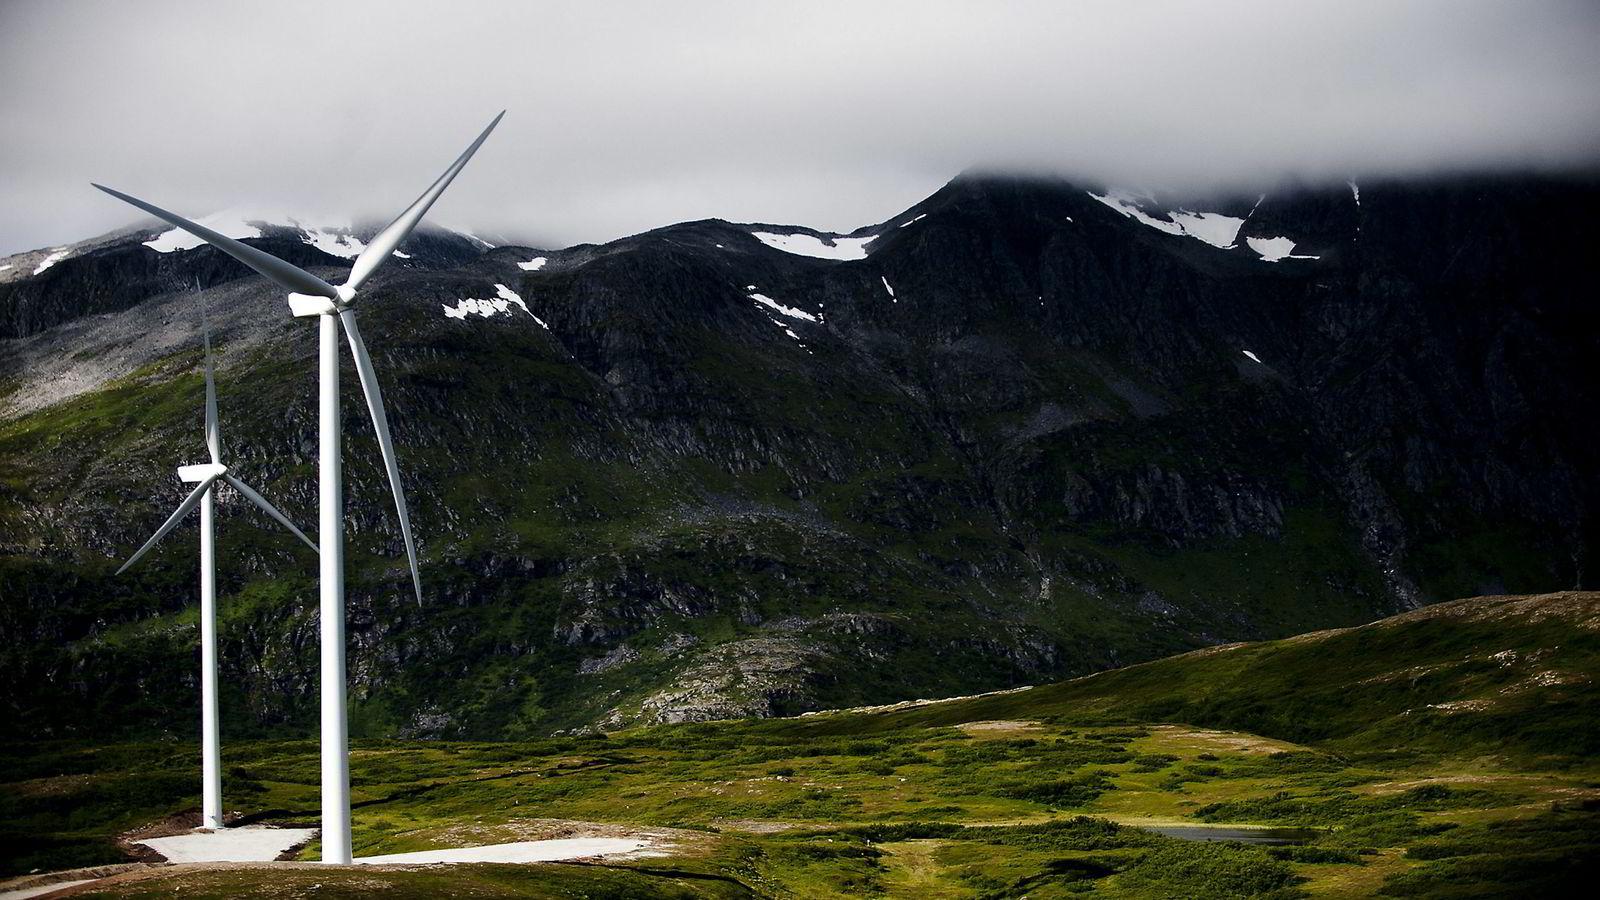 Norske samfunnsøkonomer er da også stort sett samstemte i at vindkraft er noe Norge ikke trenger, sier forfatteren. Her er Fakken vindpark på Vannøya. Foto: Thomas Haugersveen